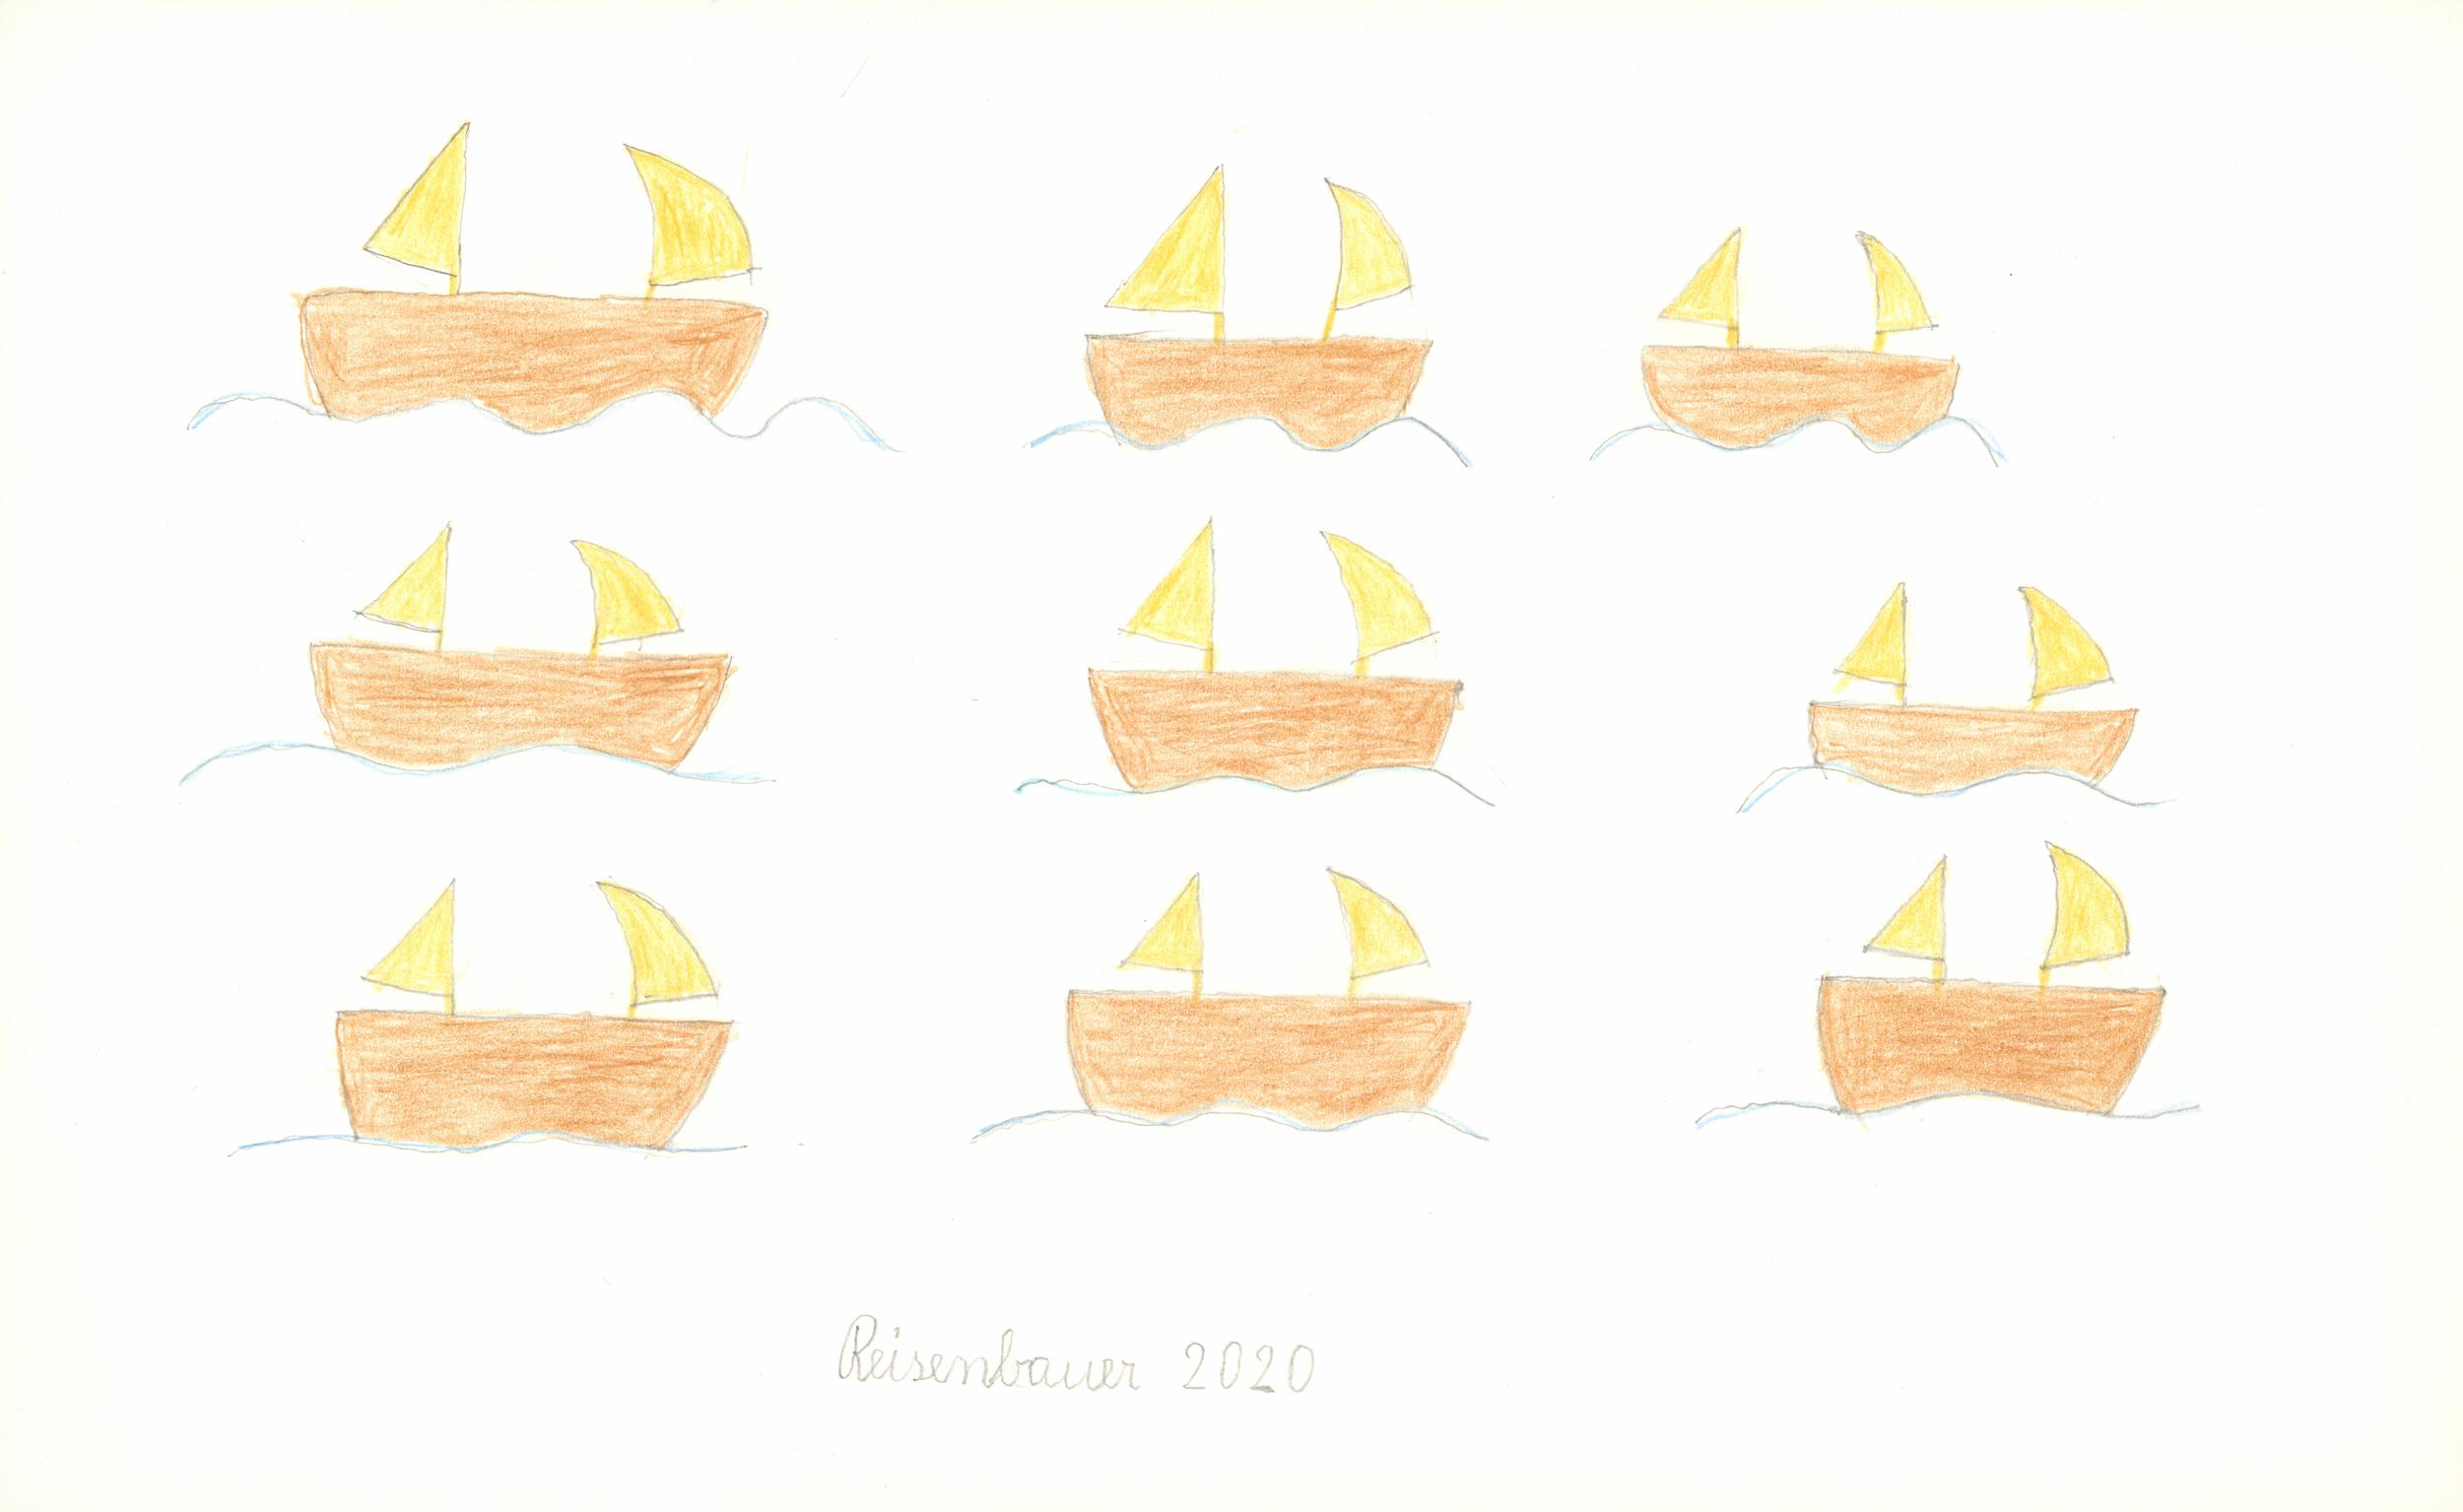 reisenbauer heinrich - Segelschiffe / Sailing ships